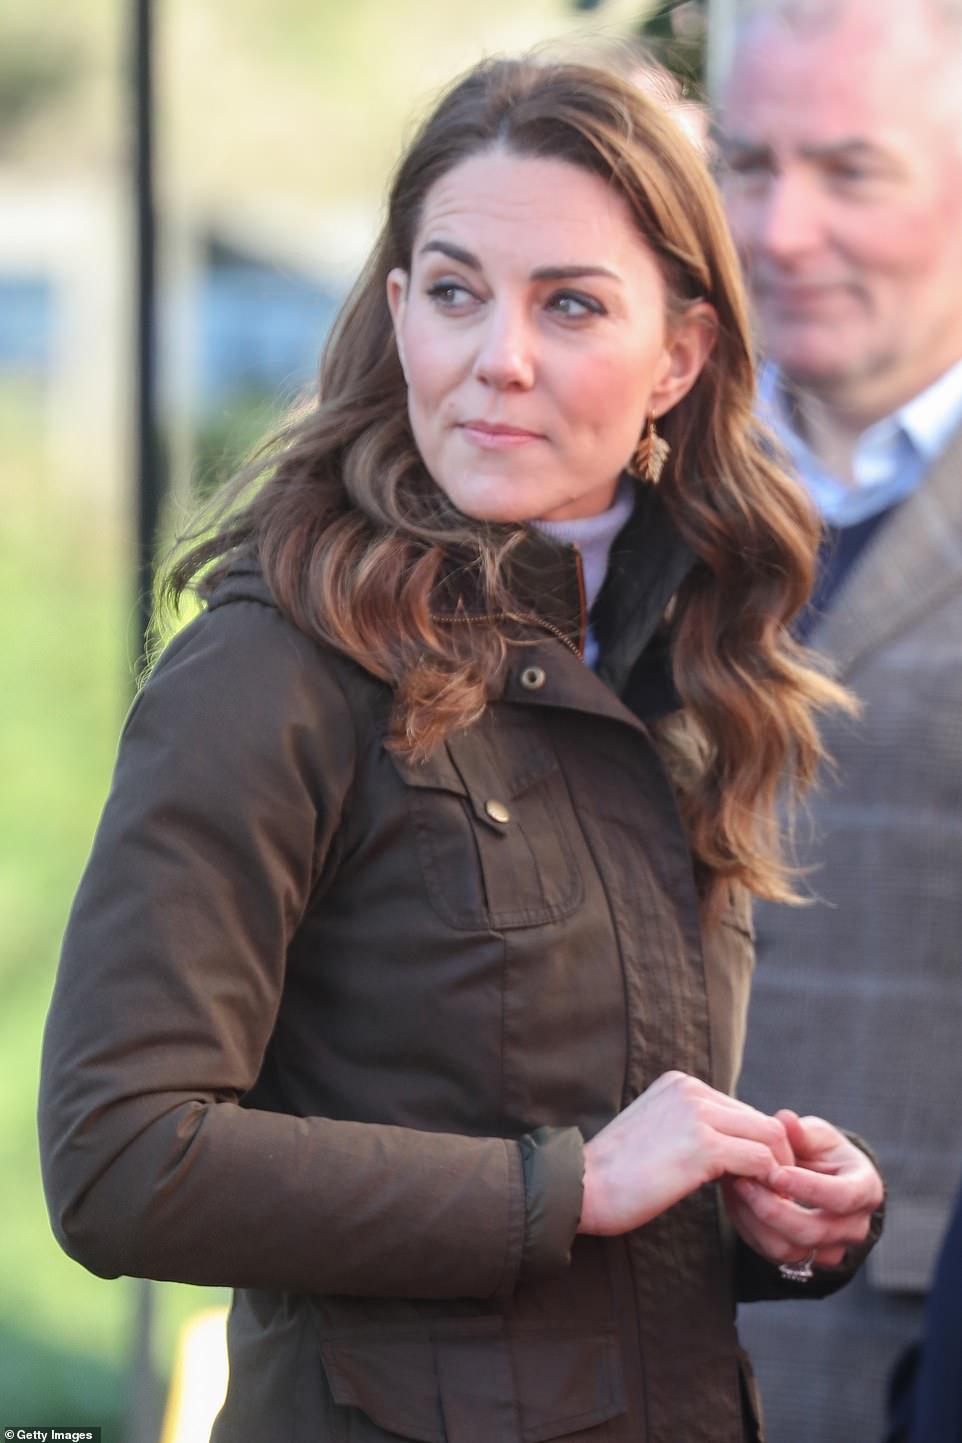 Кейт Миддлтон неожиданно приехала на ферму в Северной Ирландии